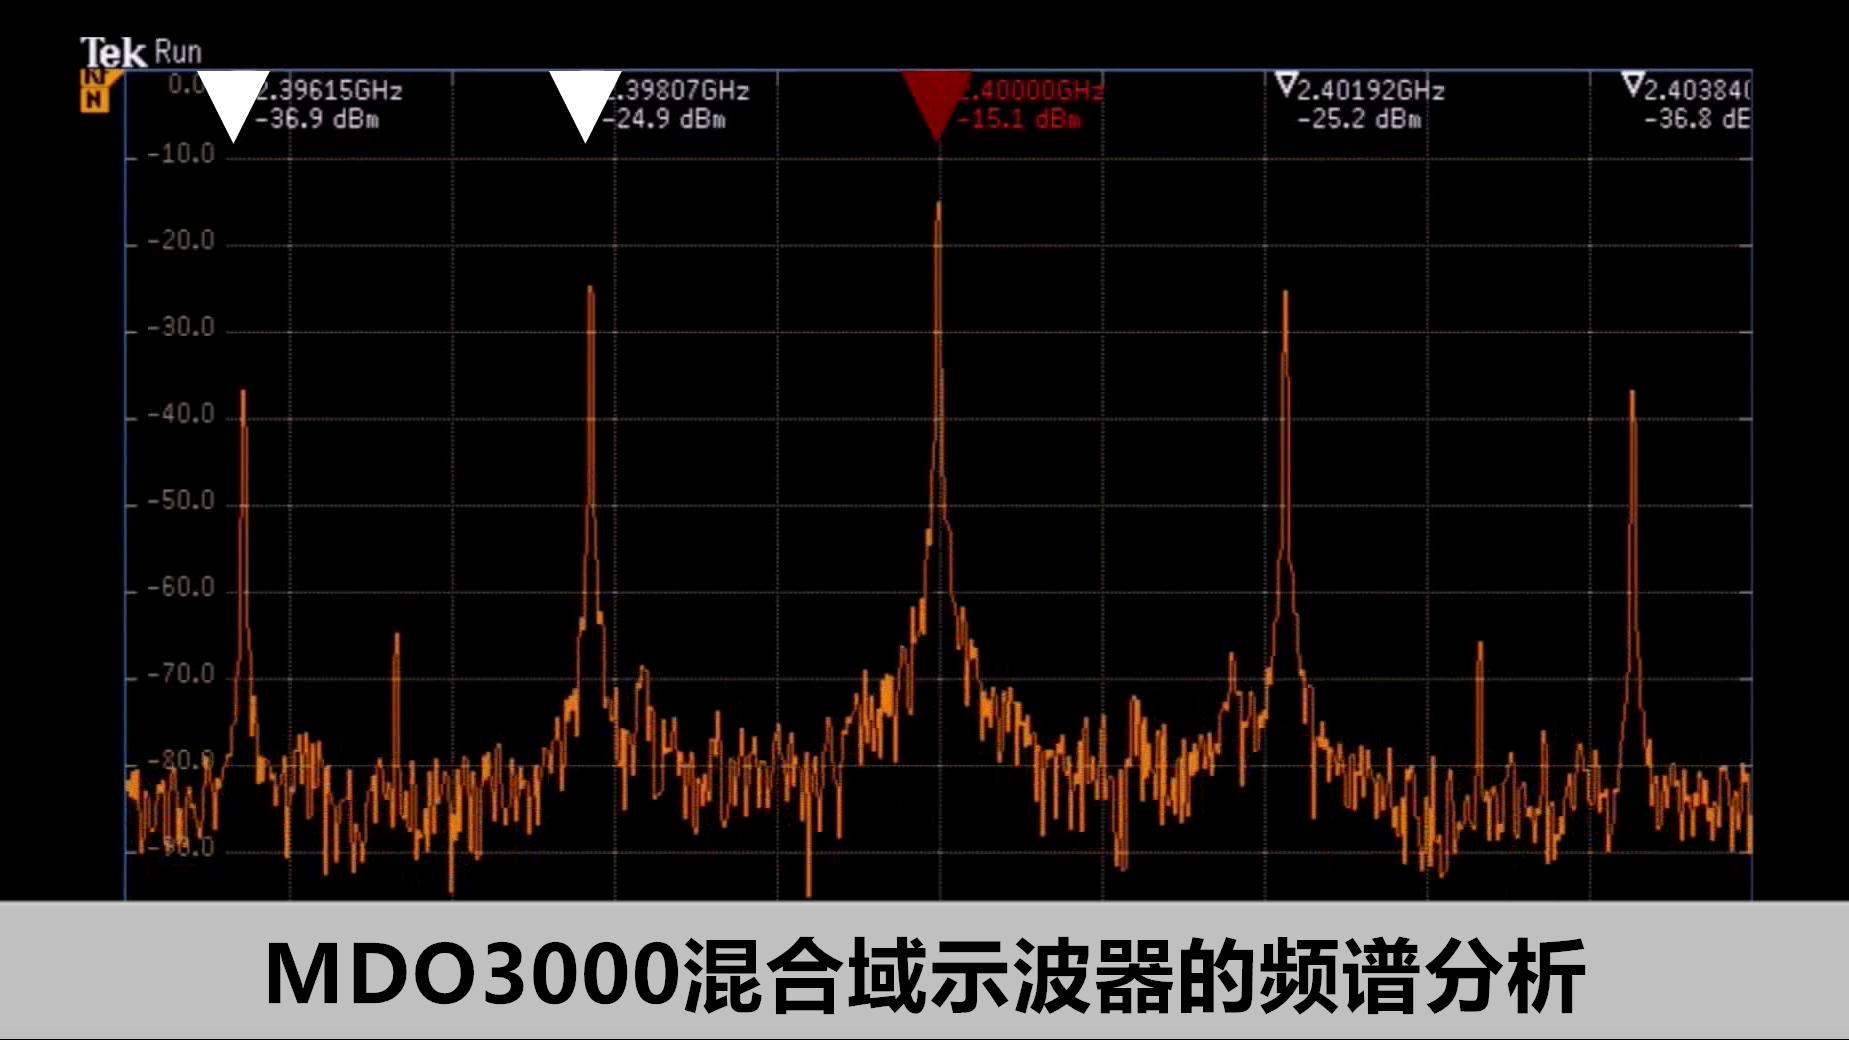 【示波器进阶教程实践篇】MDO3000混合域示波器的频谱分析